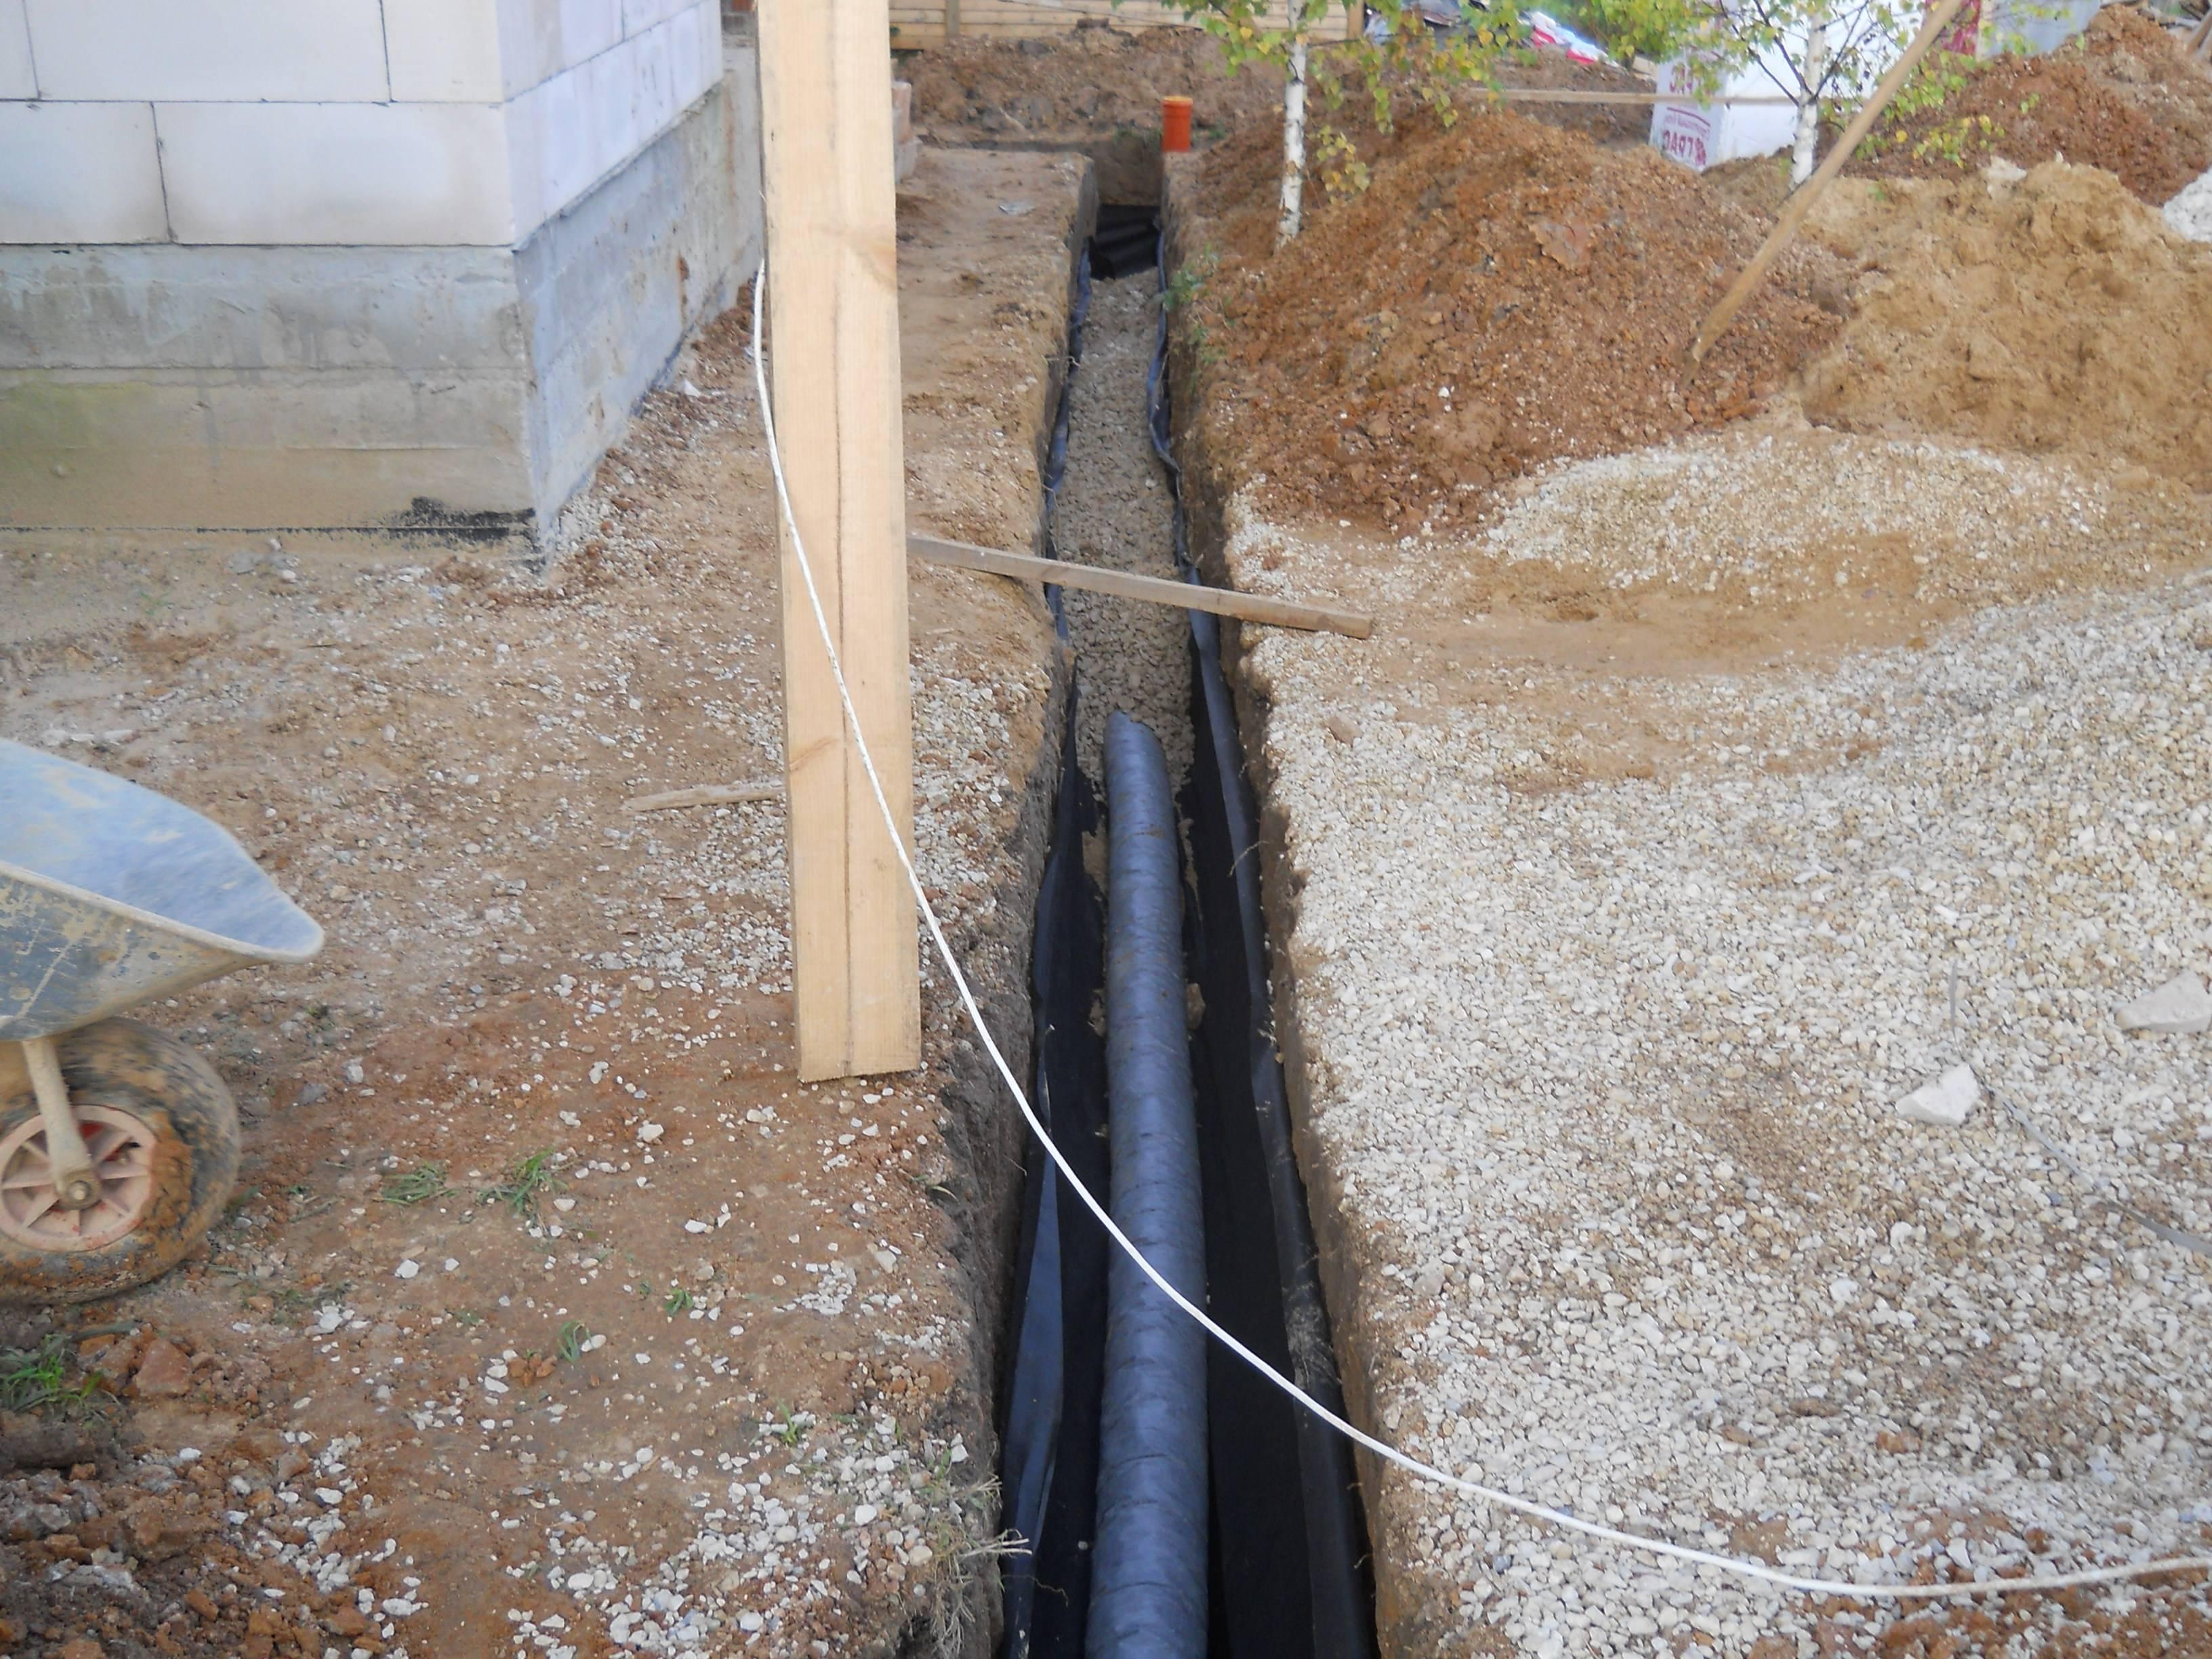 Как сделать дренаж на участке своими руками: отводим излишки воды на разных типах почвы, правильно и недорого (20 фото & видео) +отзывы